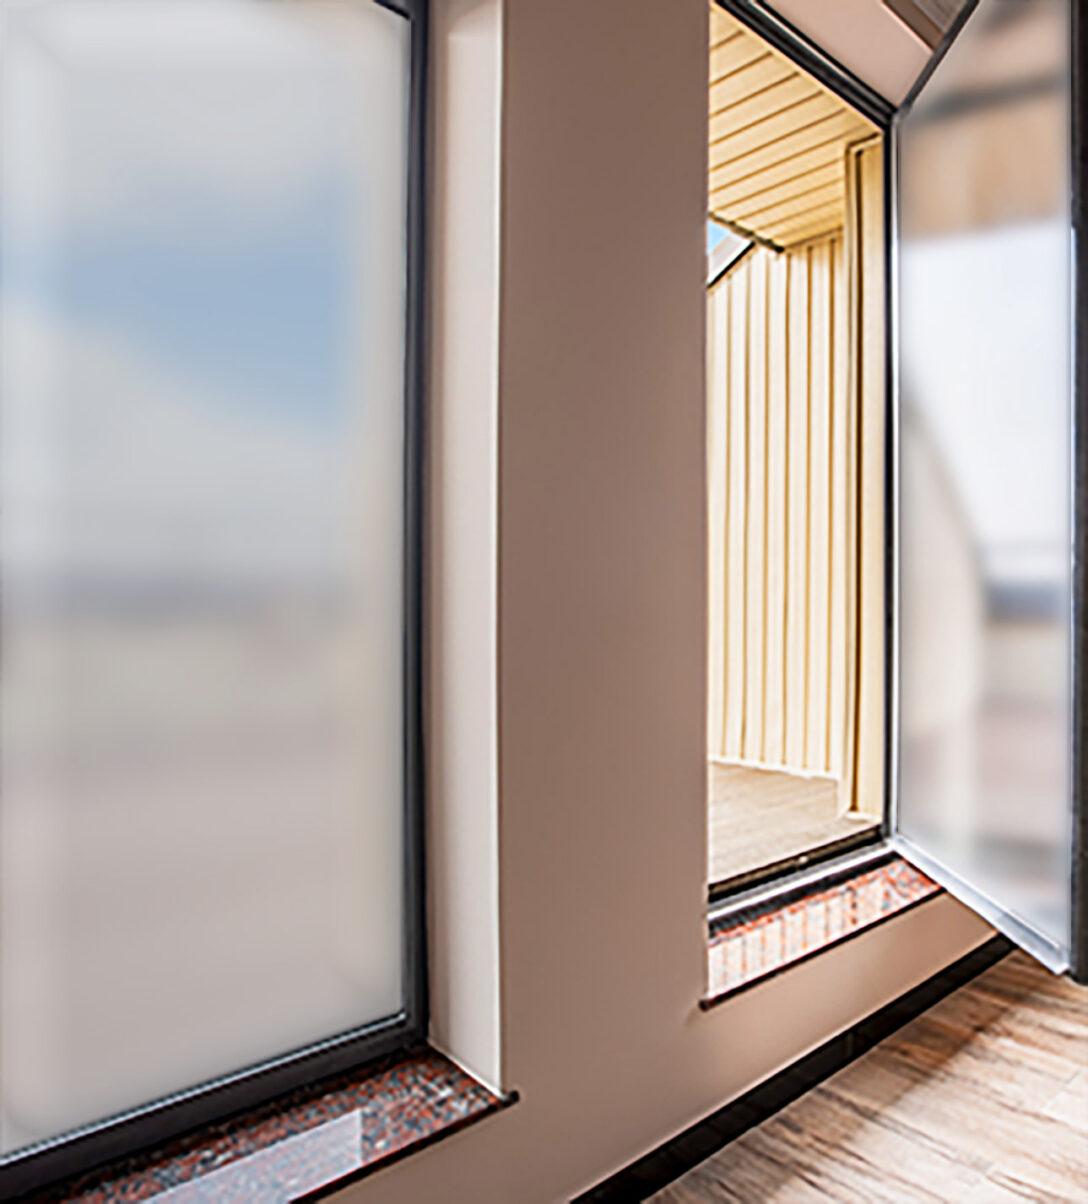 Large Size of Fensterfolie Blickdicht Sonnenschutz Sichtschutzfolie Tag Und Nacht Wohnzimmer Fensterfolie Blickdicht